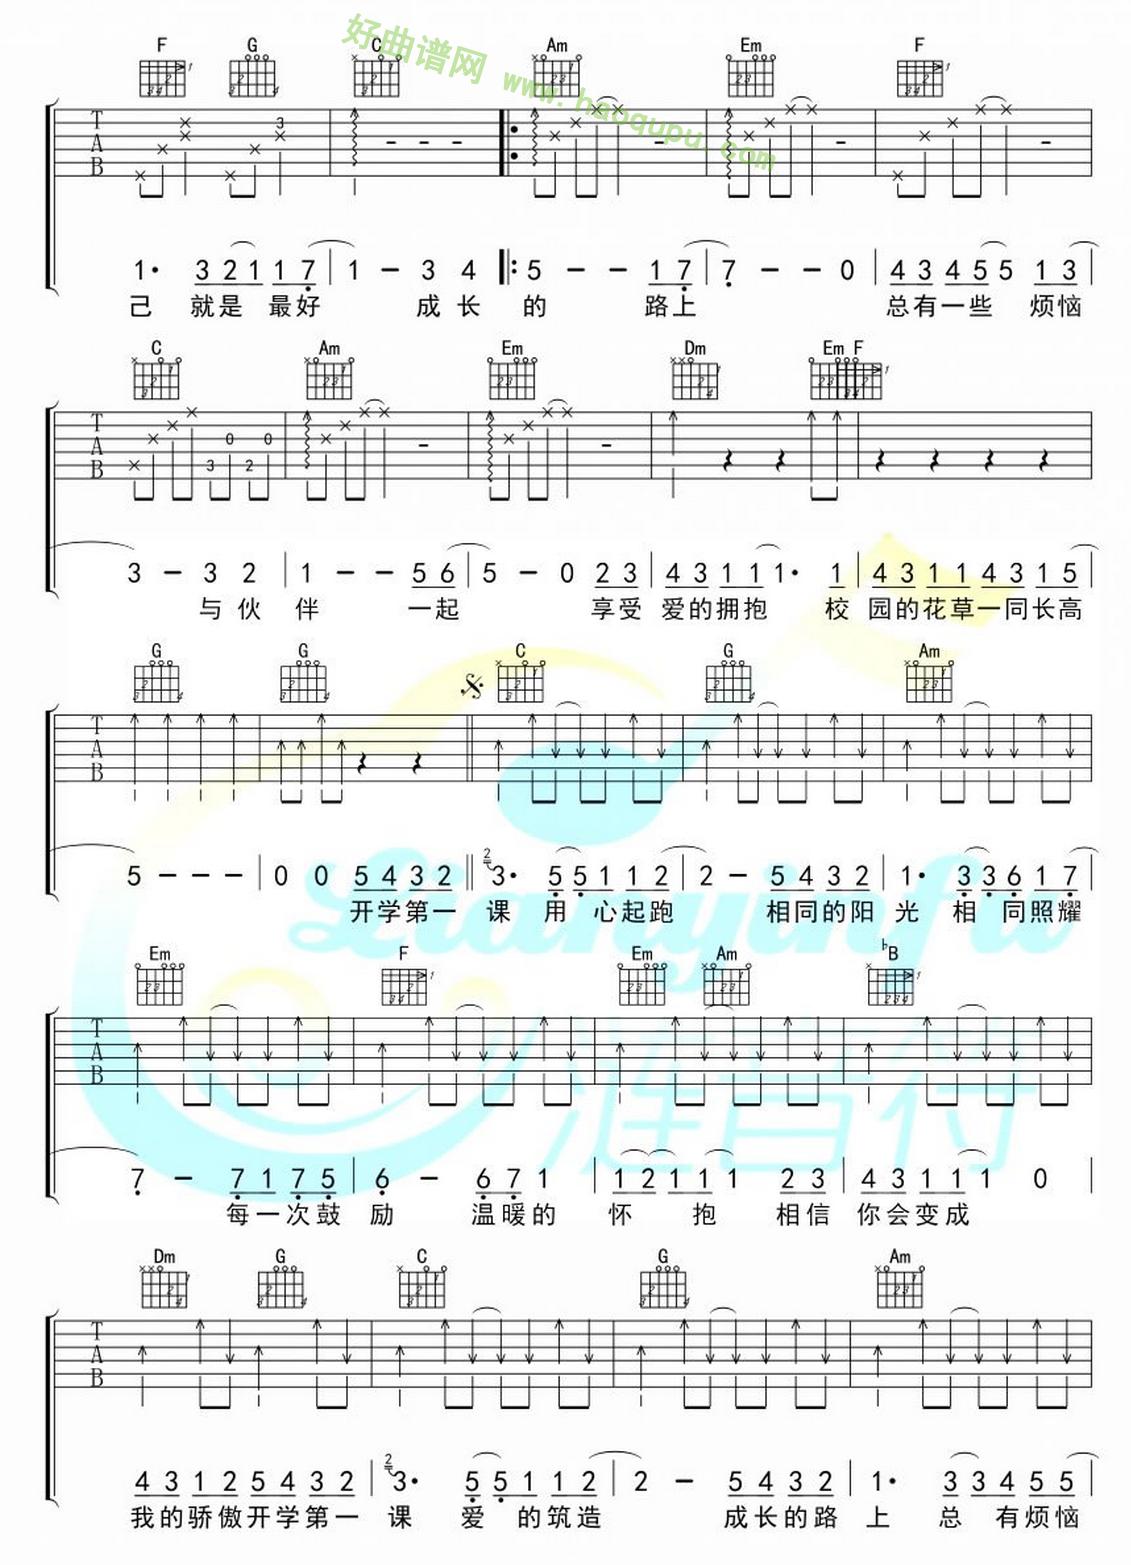 《开学第一课》(tfboys演唱) - 吉他谱_吉他曲谱_吉他